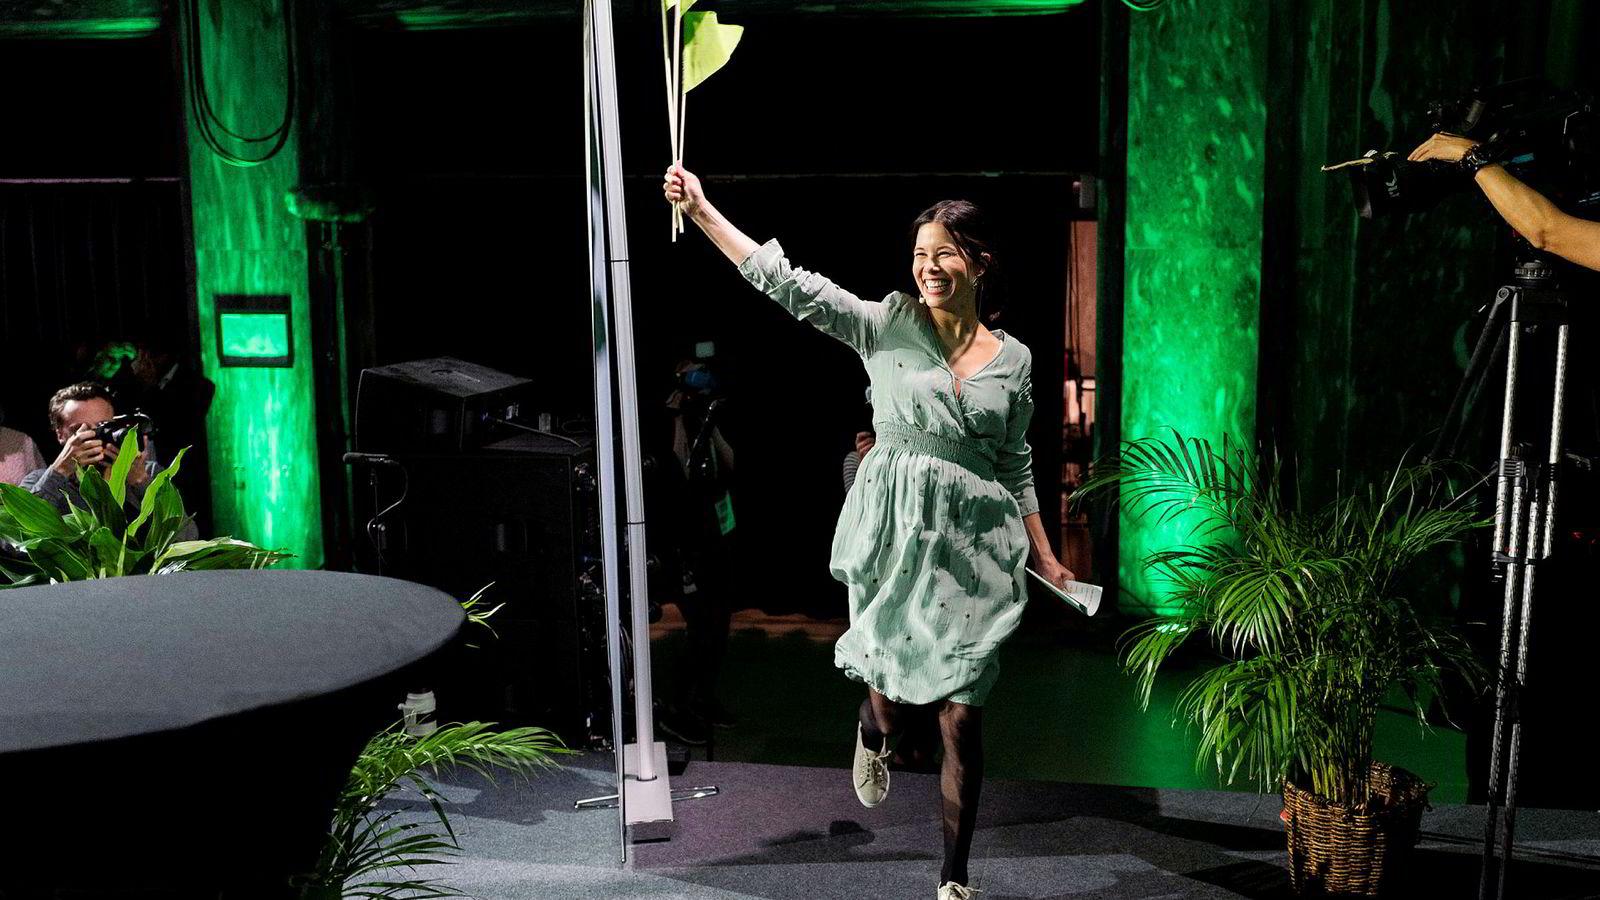 Byråd Lan Marie Nguyen Berg jubler etter brakseier i Oslo. Her feirer hun i lett frihetsgudinnepostitur på Miljøpartiets De Grønnes valgvake på utestedet Sentralen.